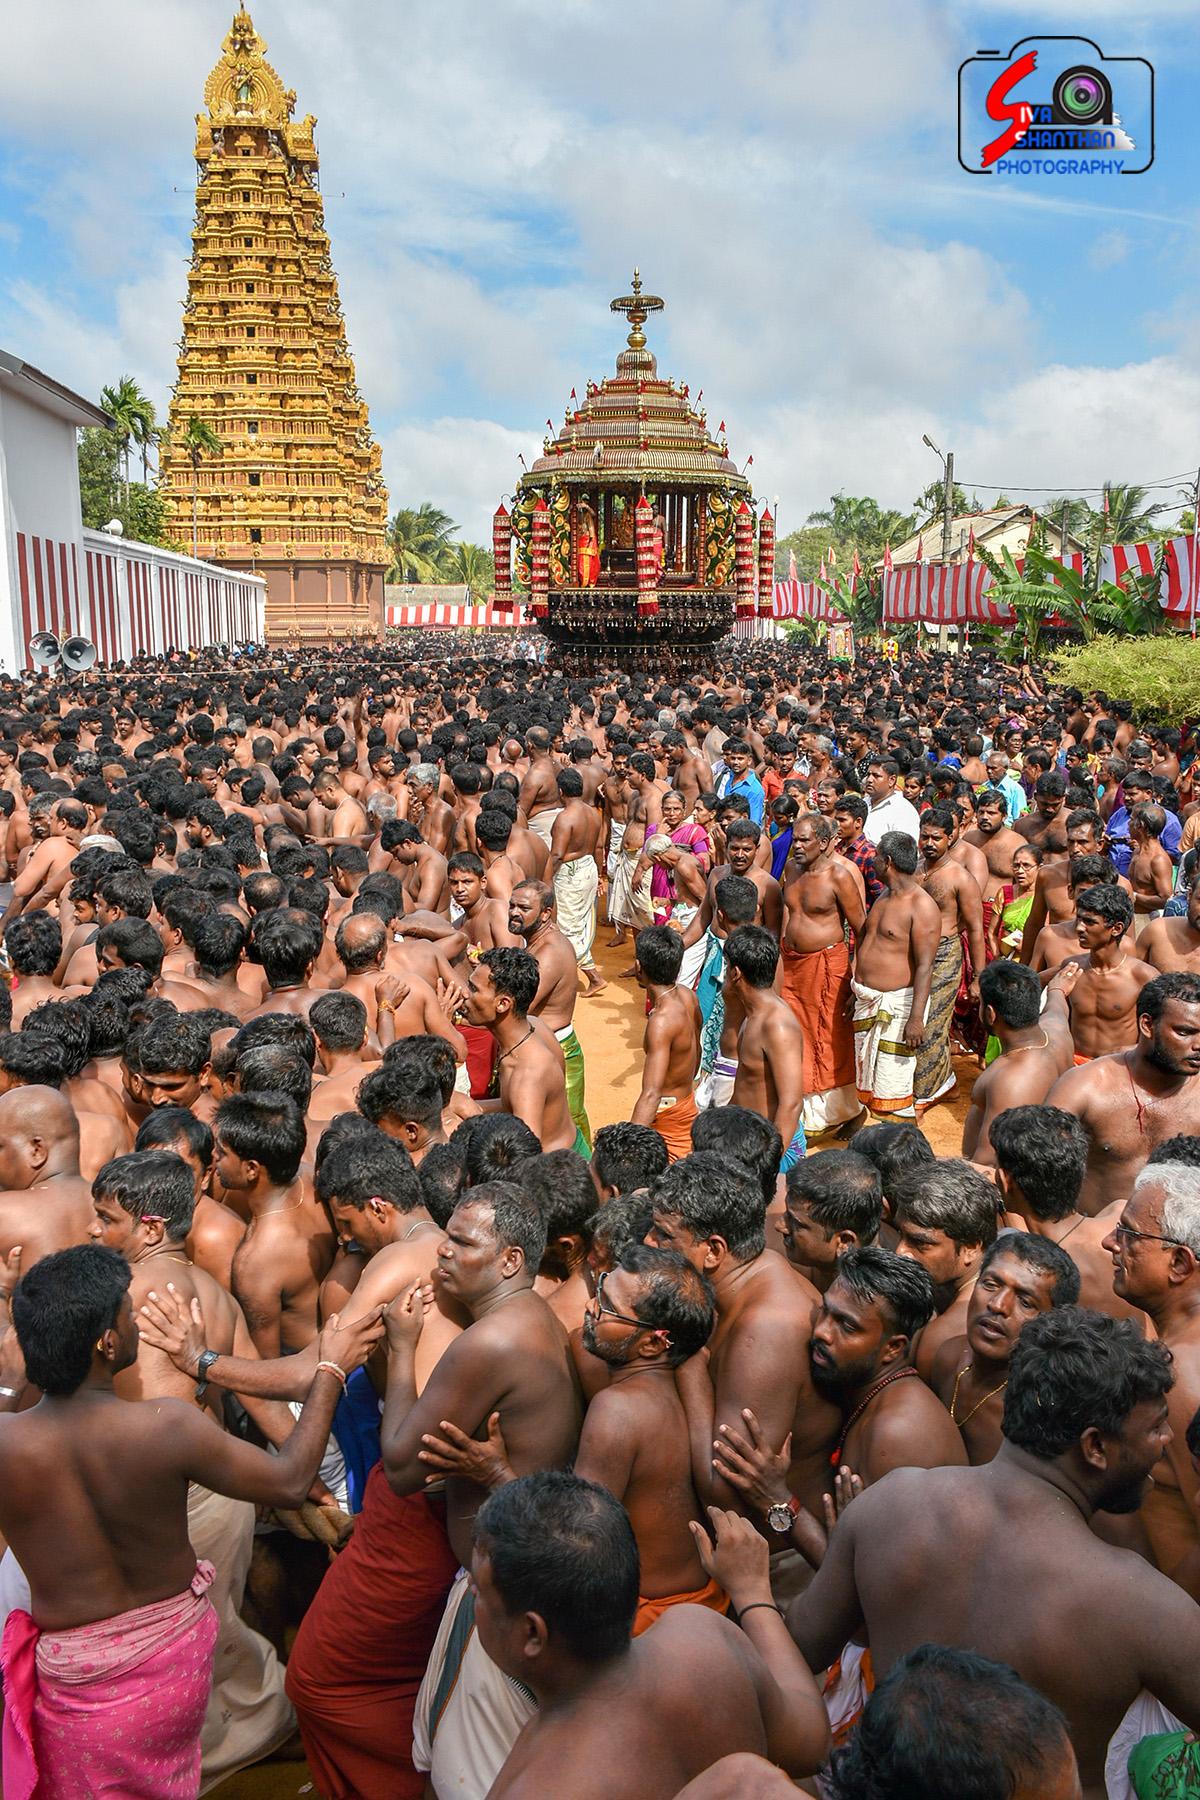 யாழ்ப்பாணம் – நல்லூர் கந்தசுவாமி கோவில் தேர்த்திருவிழா - படங்கள் மற்றும் வீடியோ 18